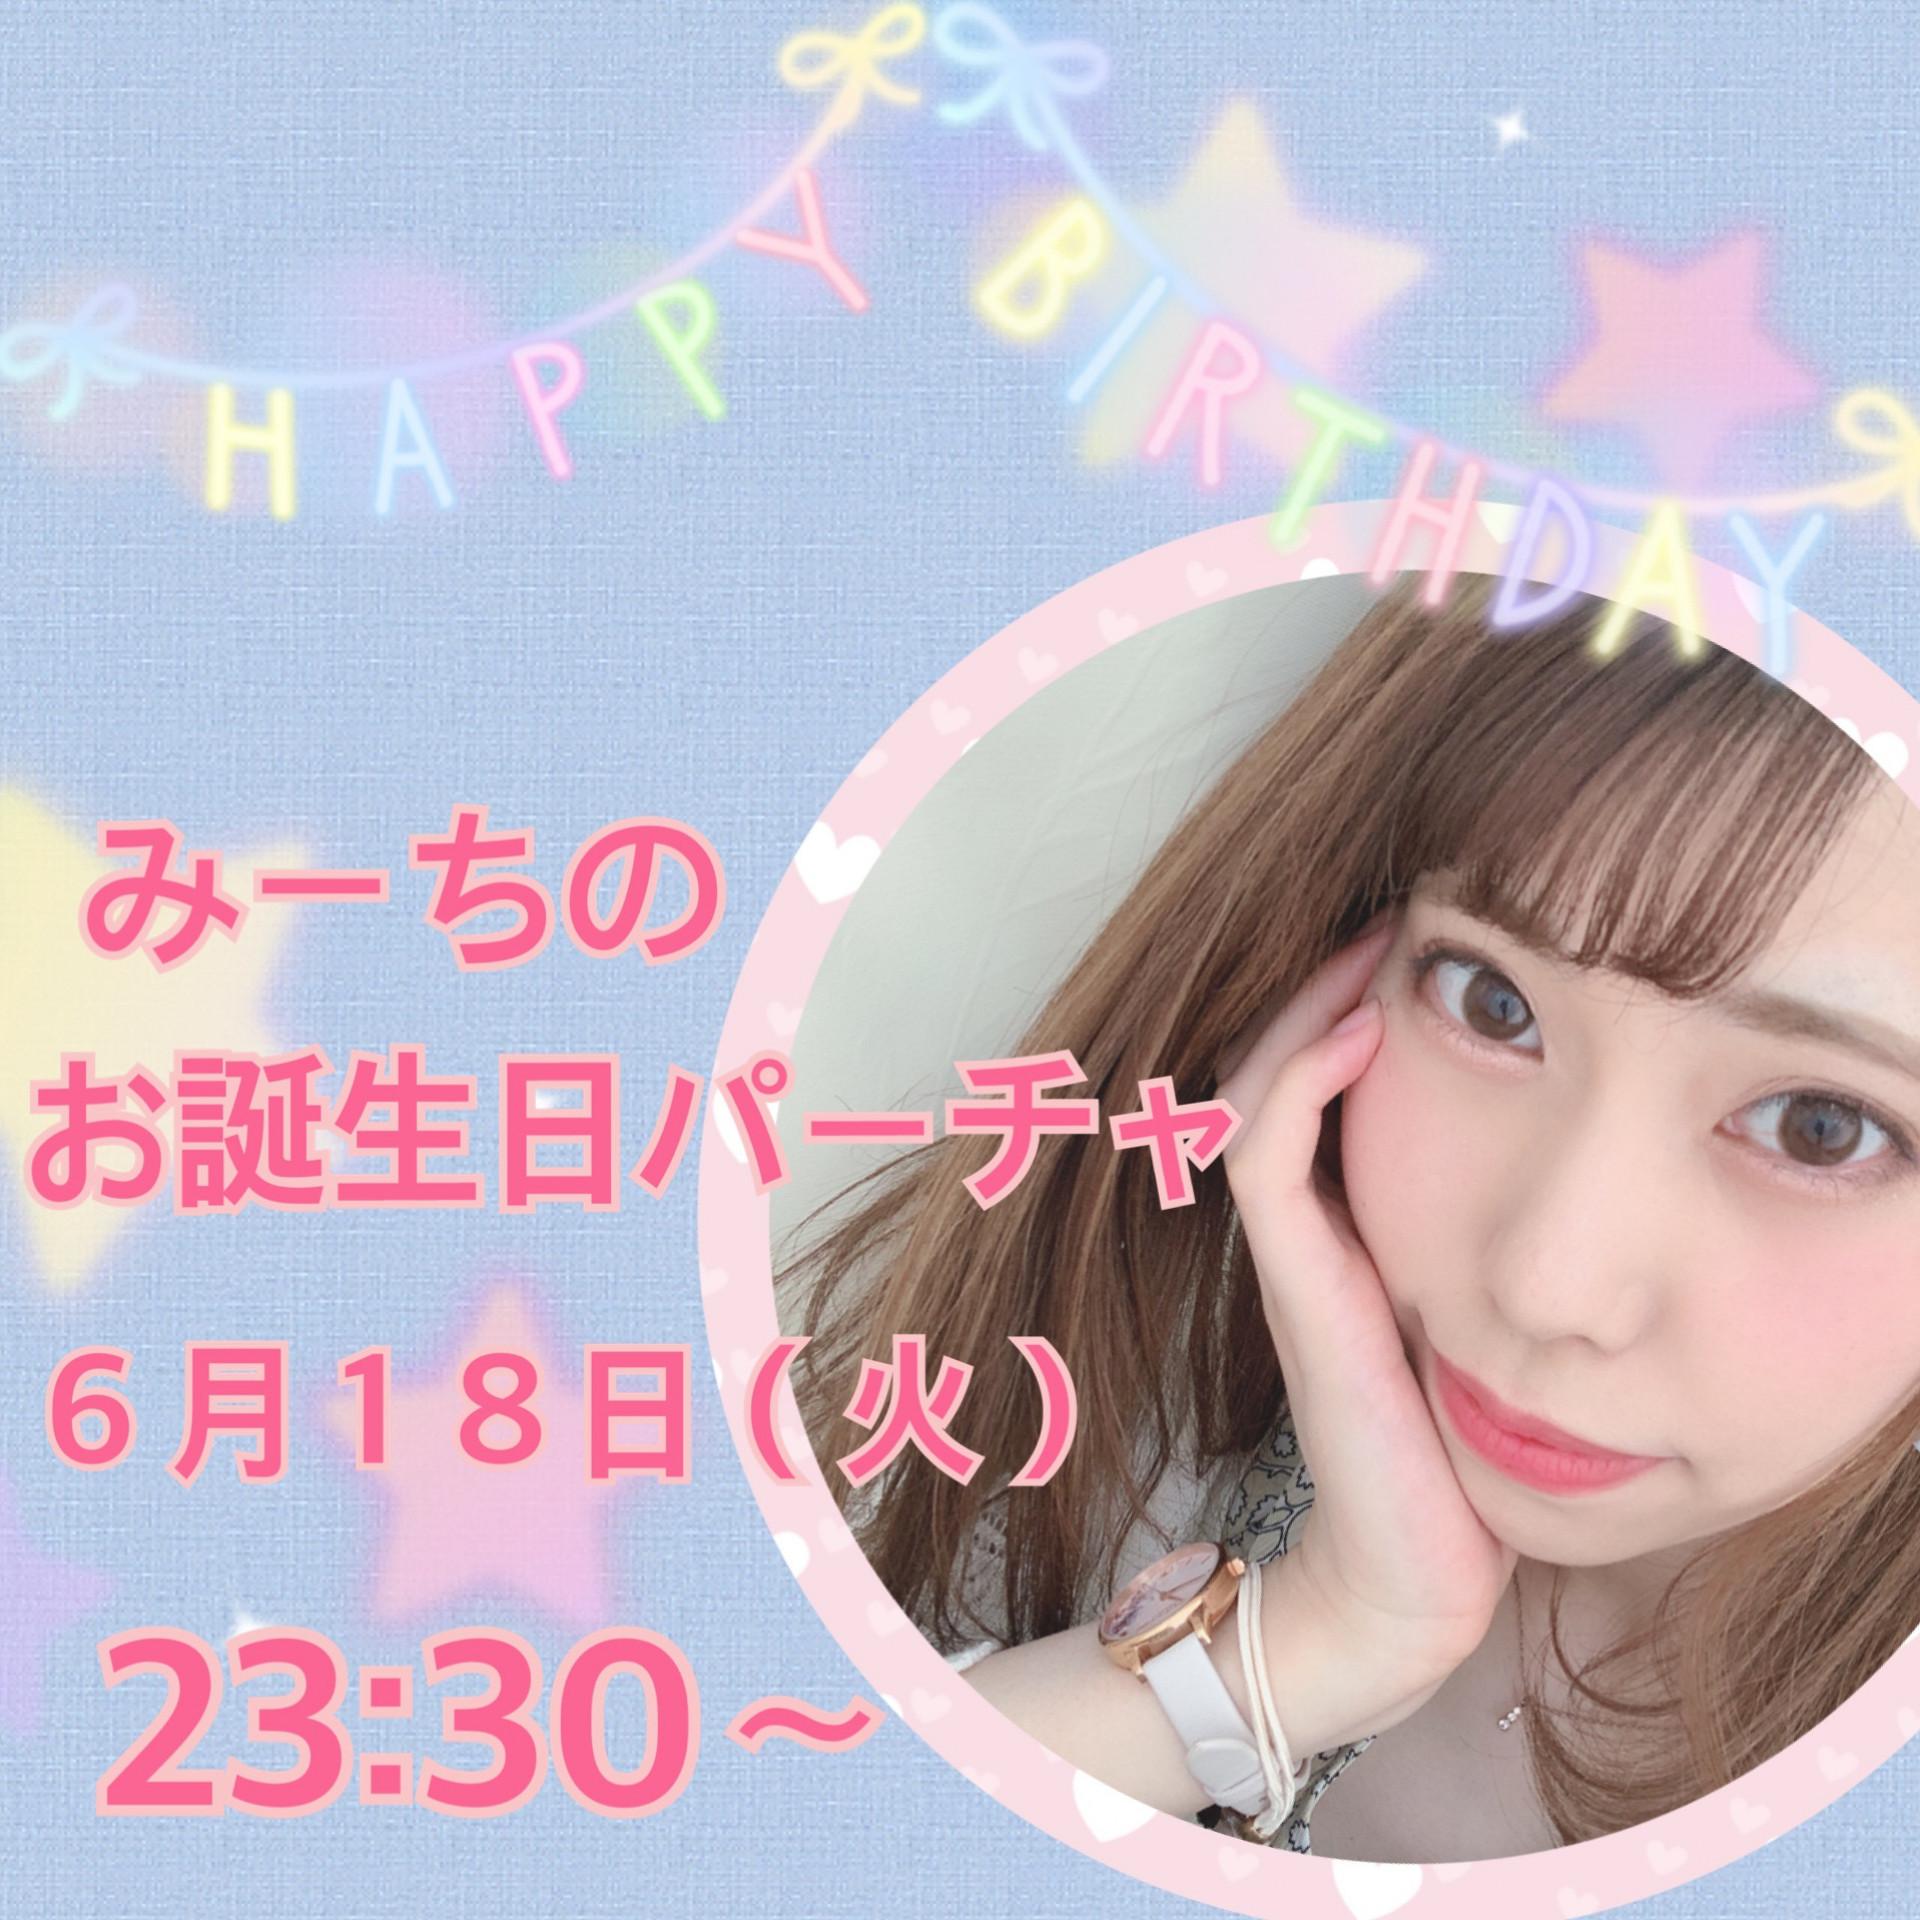 【祝】6/18(火)みーちちゃん誕生日パーチャ!